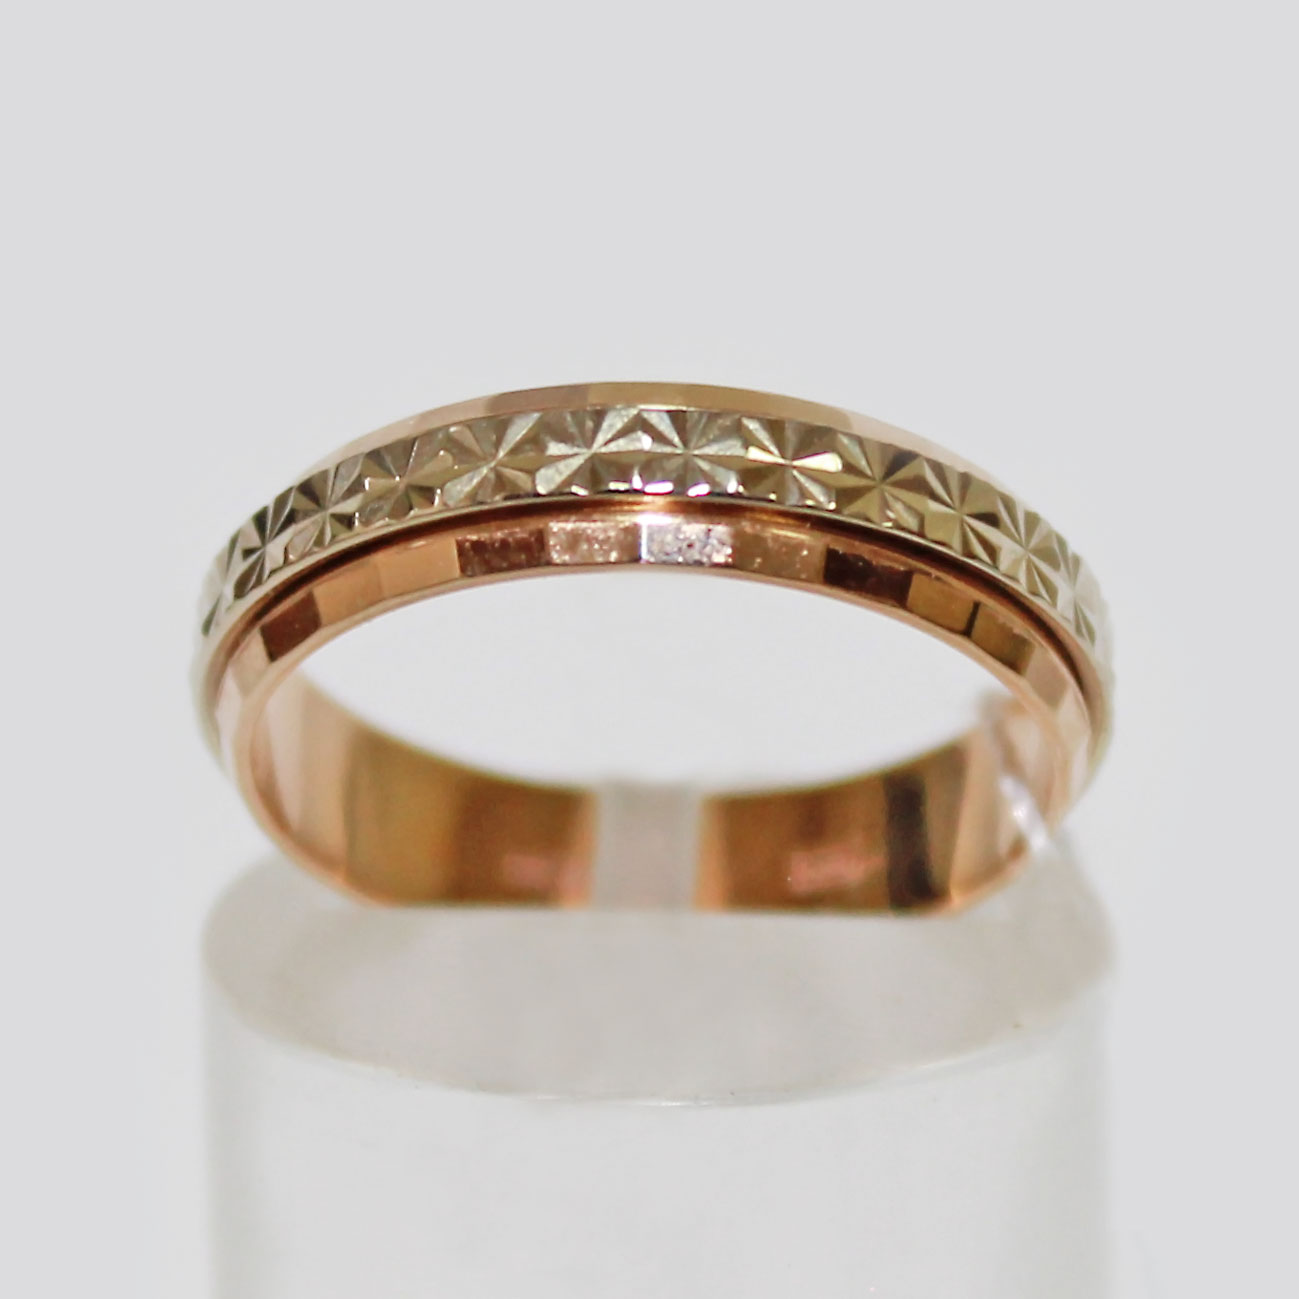 cdd65edfbd35 Кольцо обручальное со вставкой с алмазной огранкой из белого золота ширина  шинки 4 мм